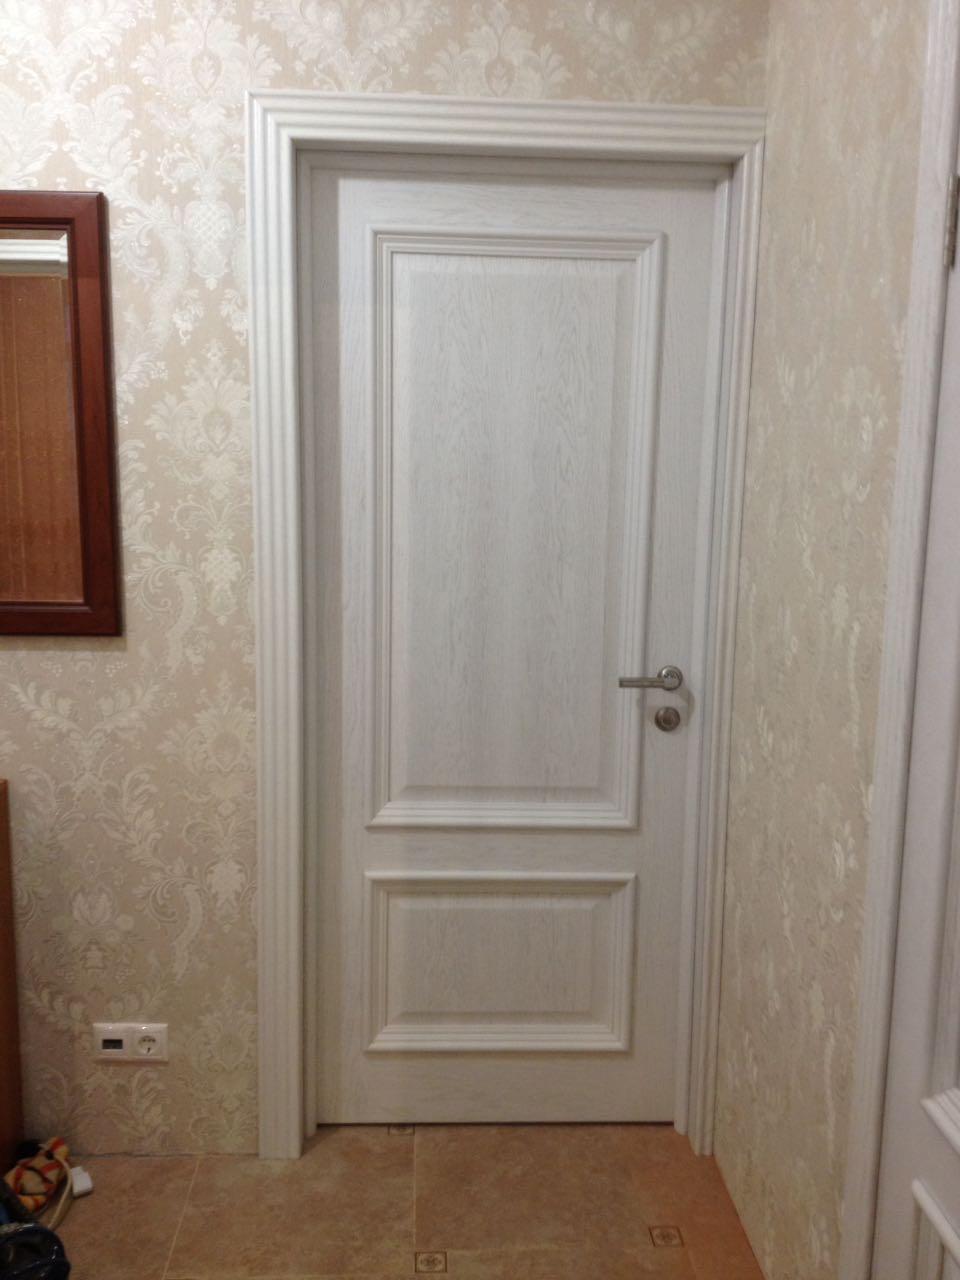 http://luxdver.com/images/upload/1122.jpg